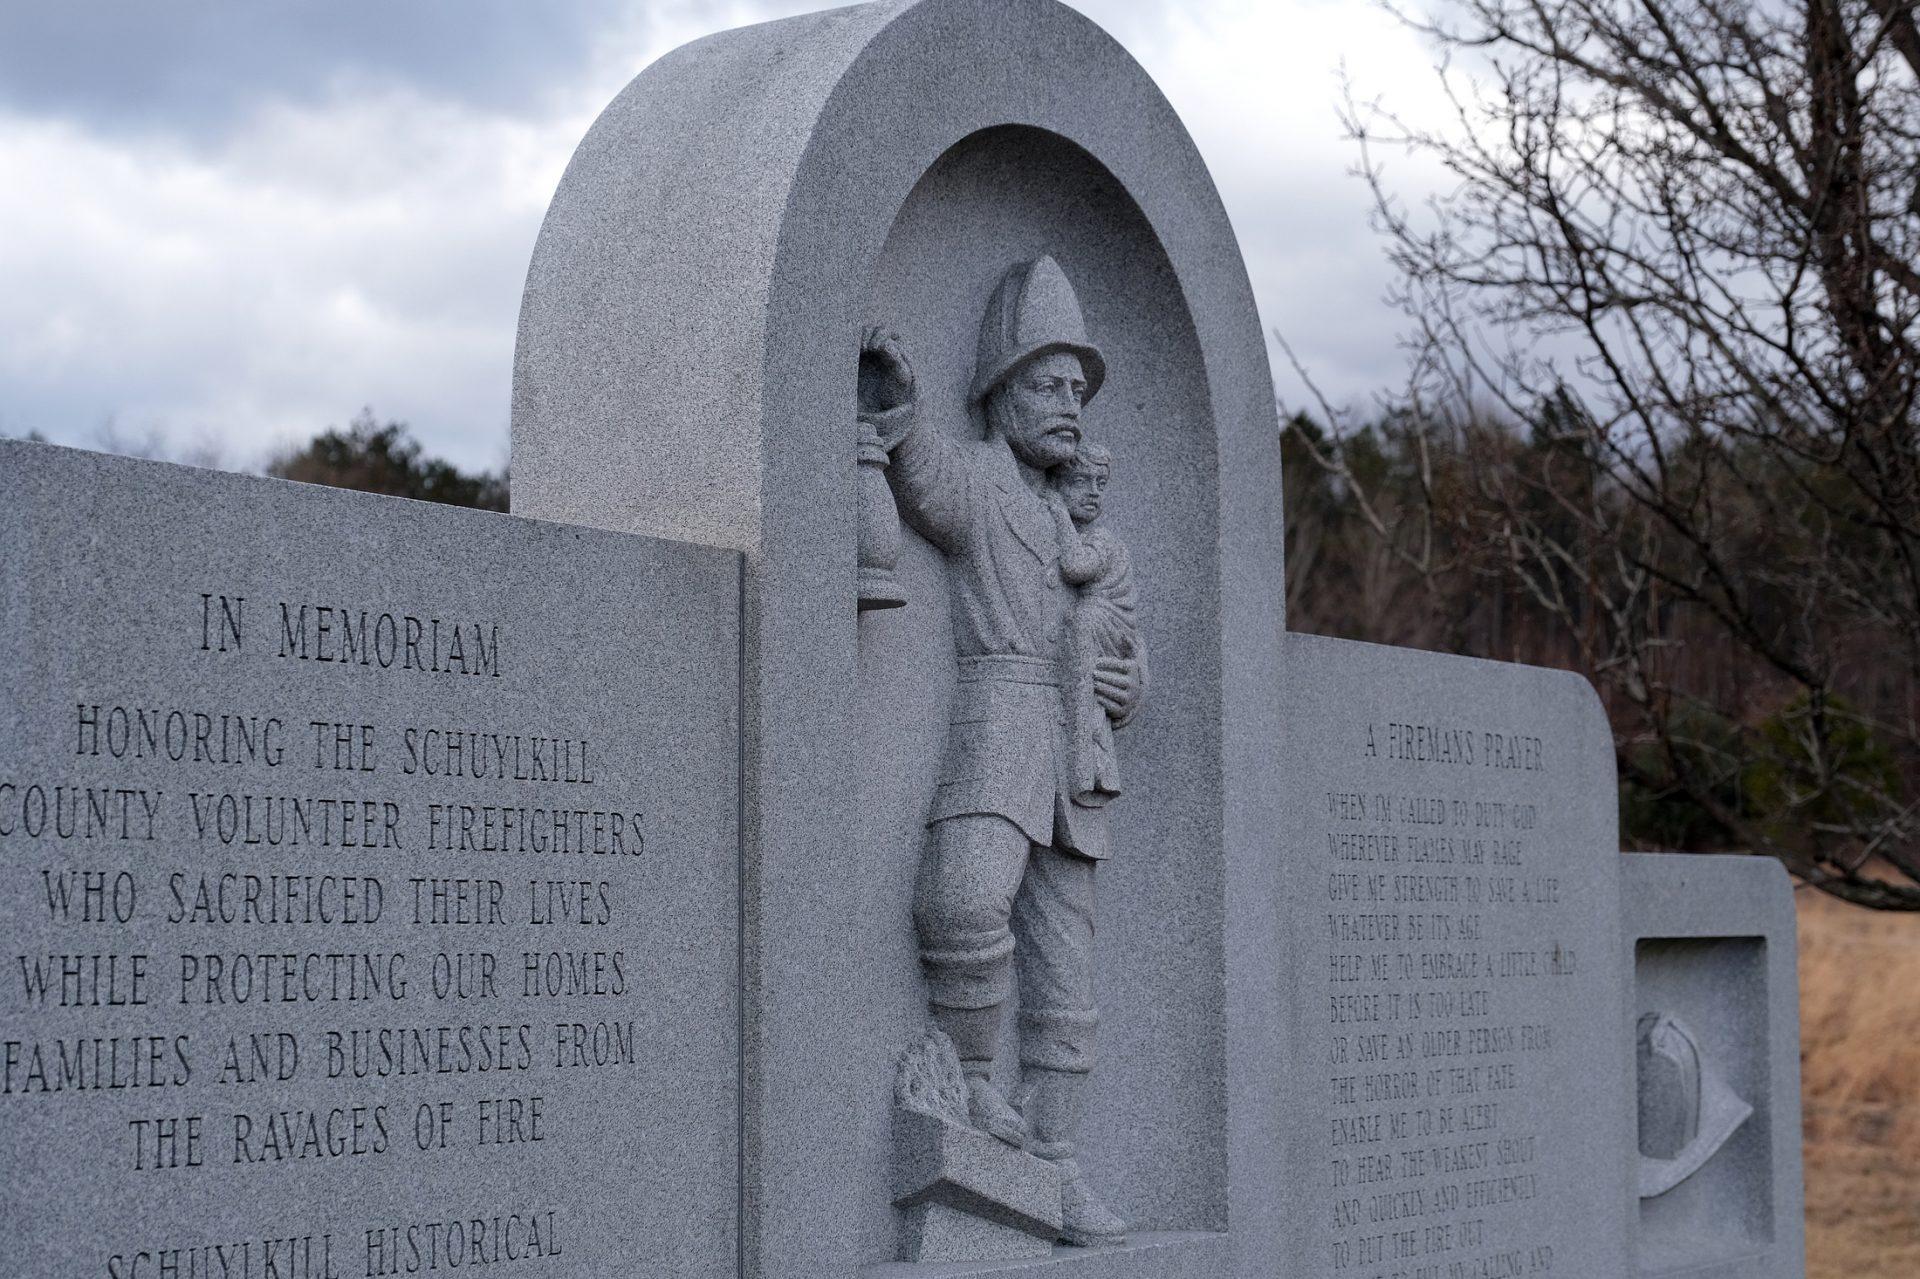 The Fallen Firefighters Memorial on Jan. 16, 2020, in Frackville, Pennsylvania.